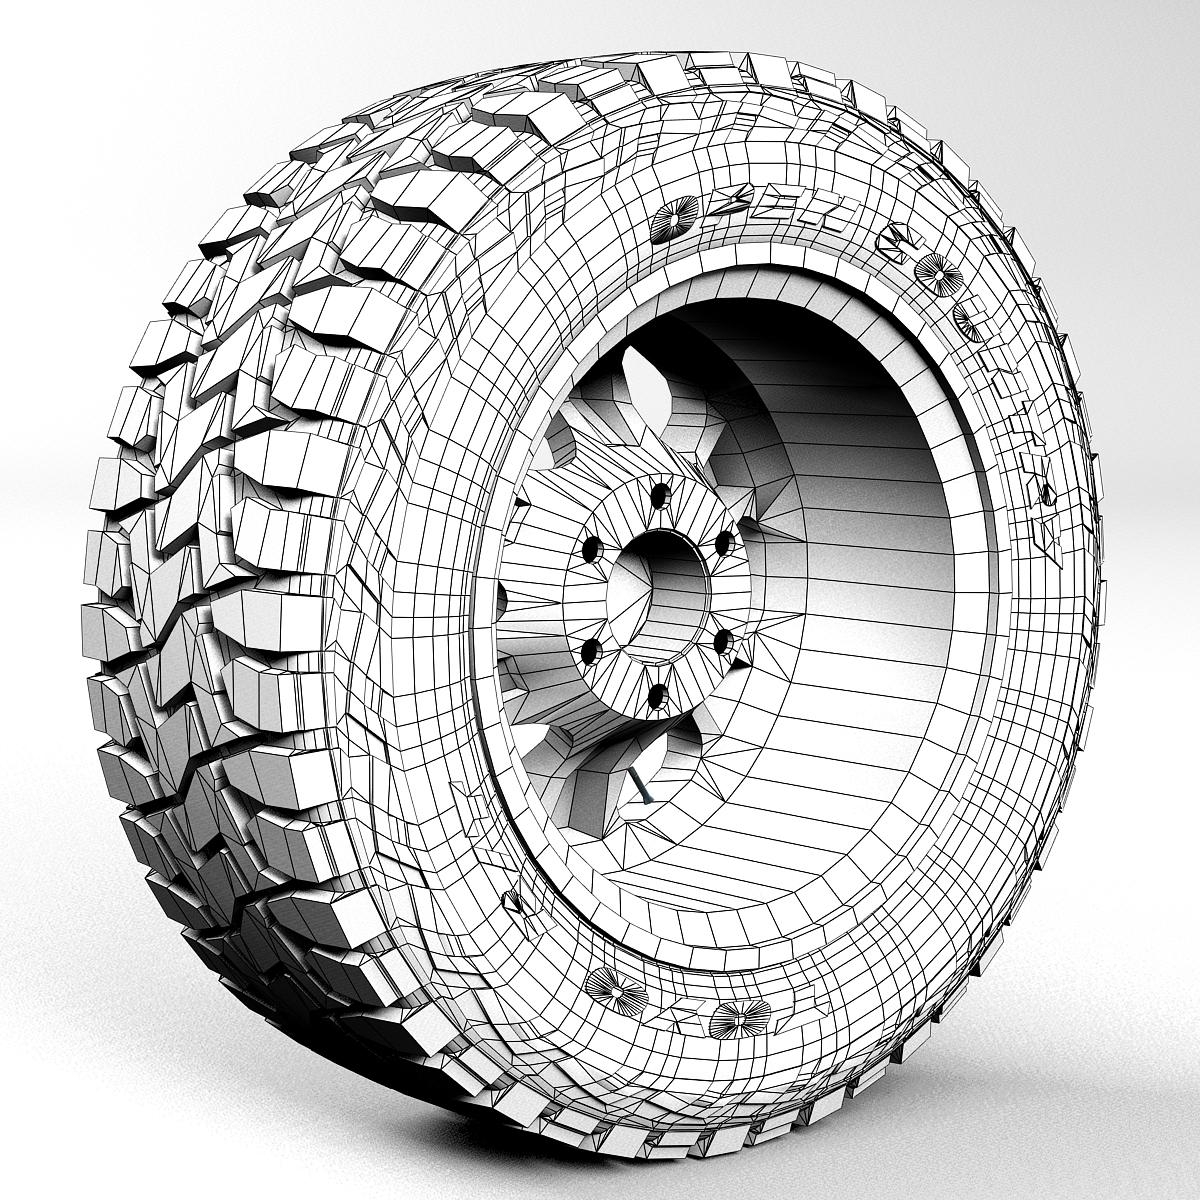 off road wheel and tire 2 3d model 3ds max fbx tga targa icb vda vst pix obj 224422